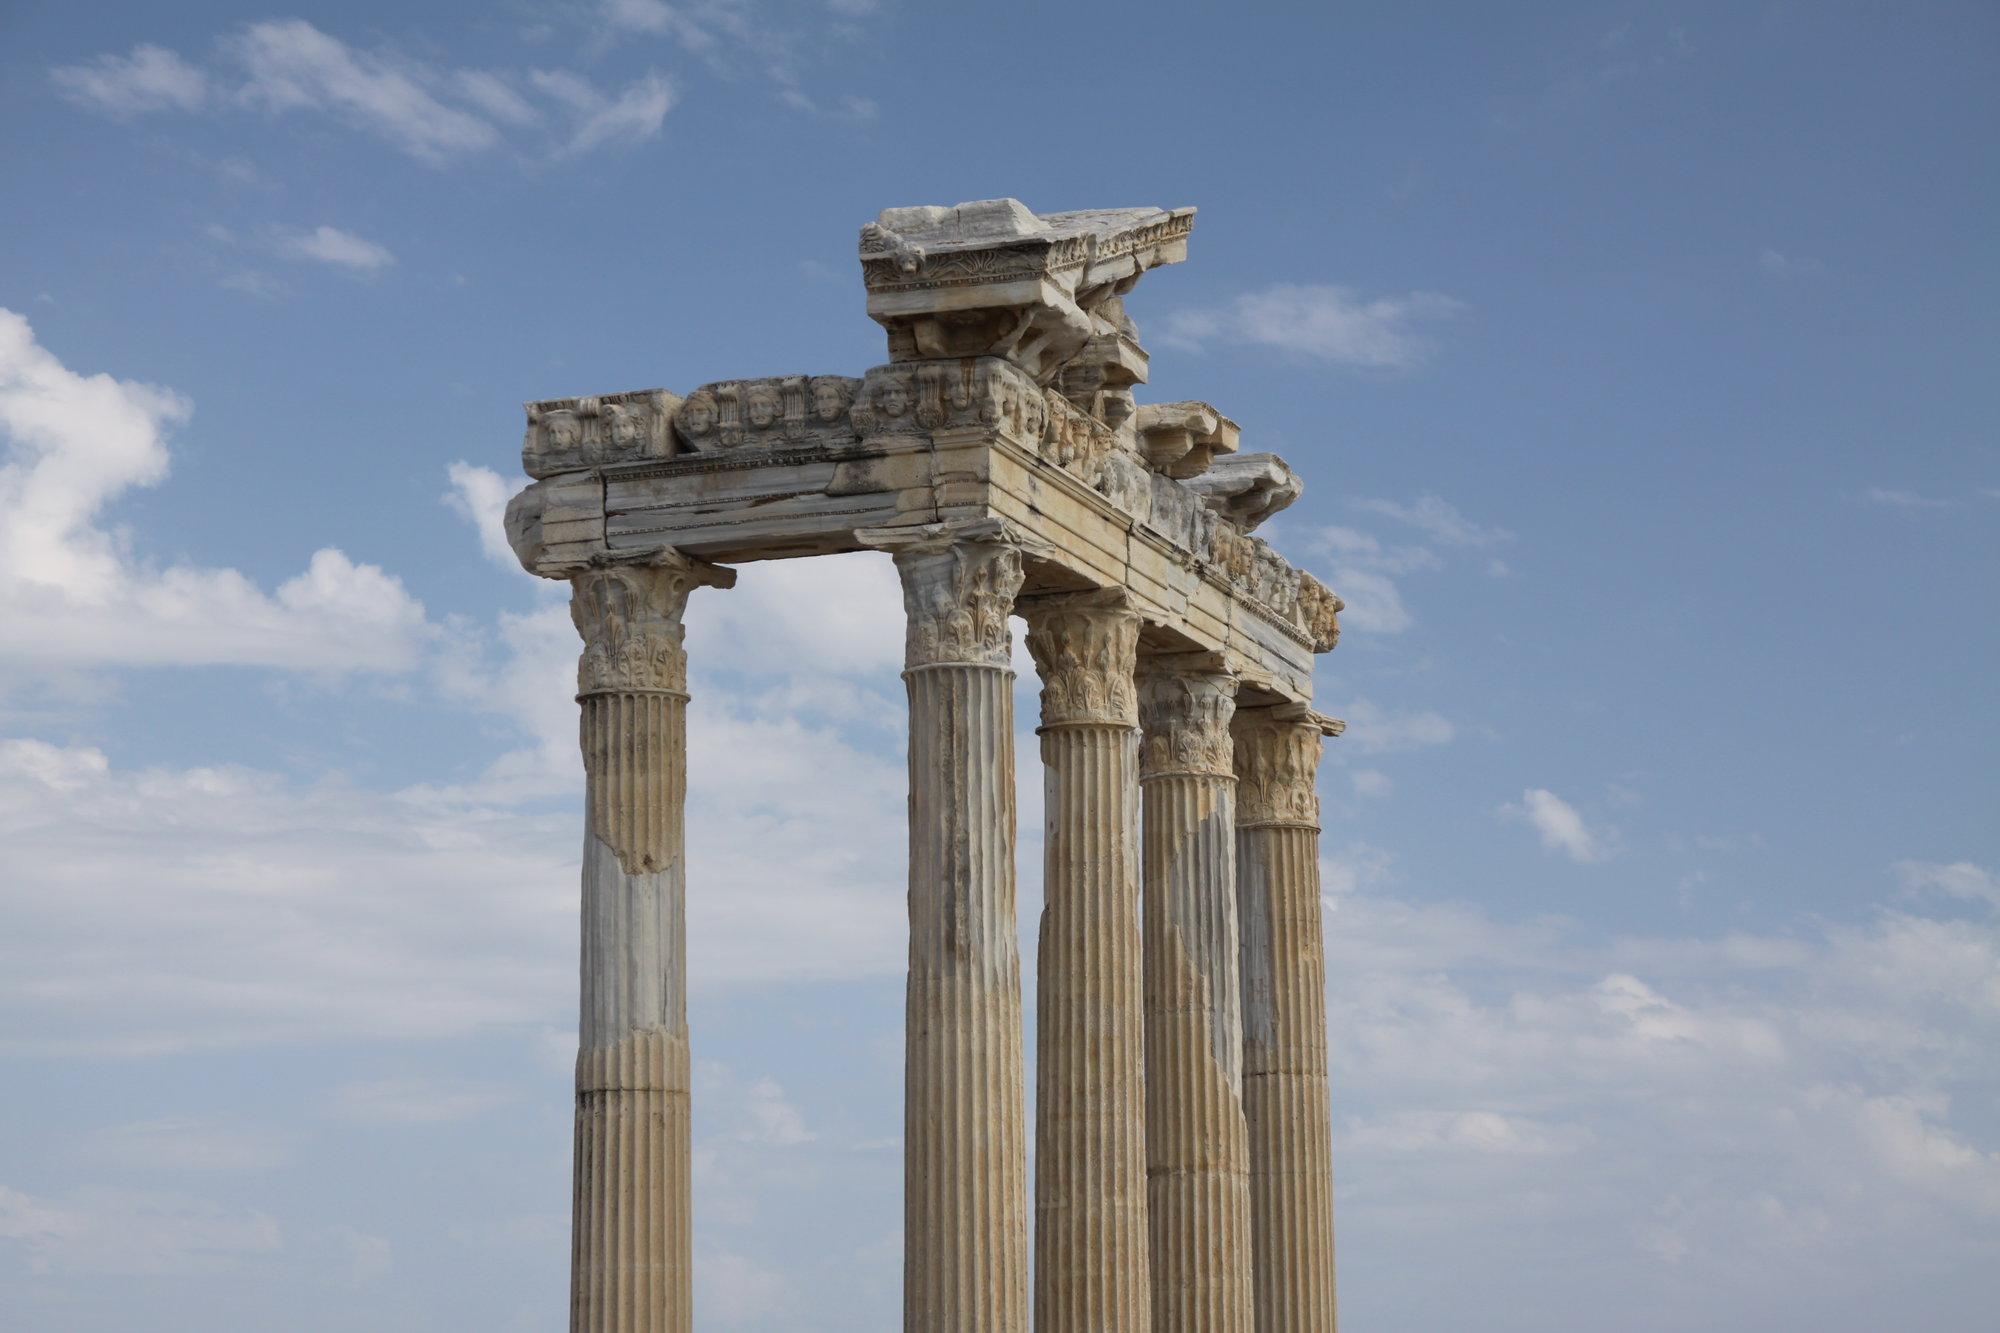 sloupy Apolonova chrámu